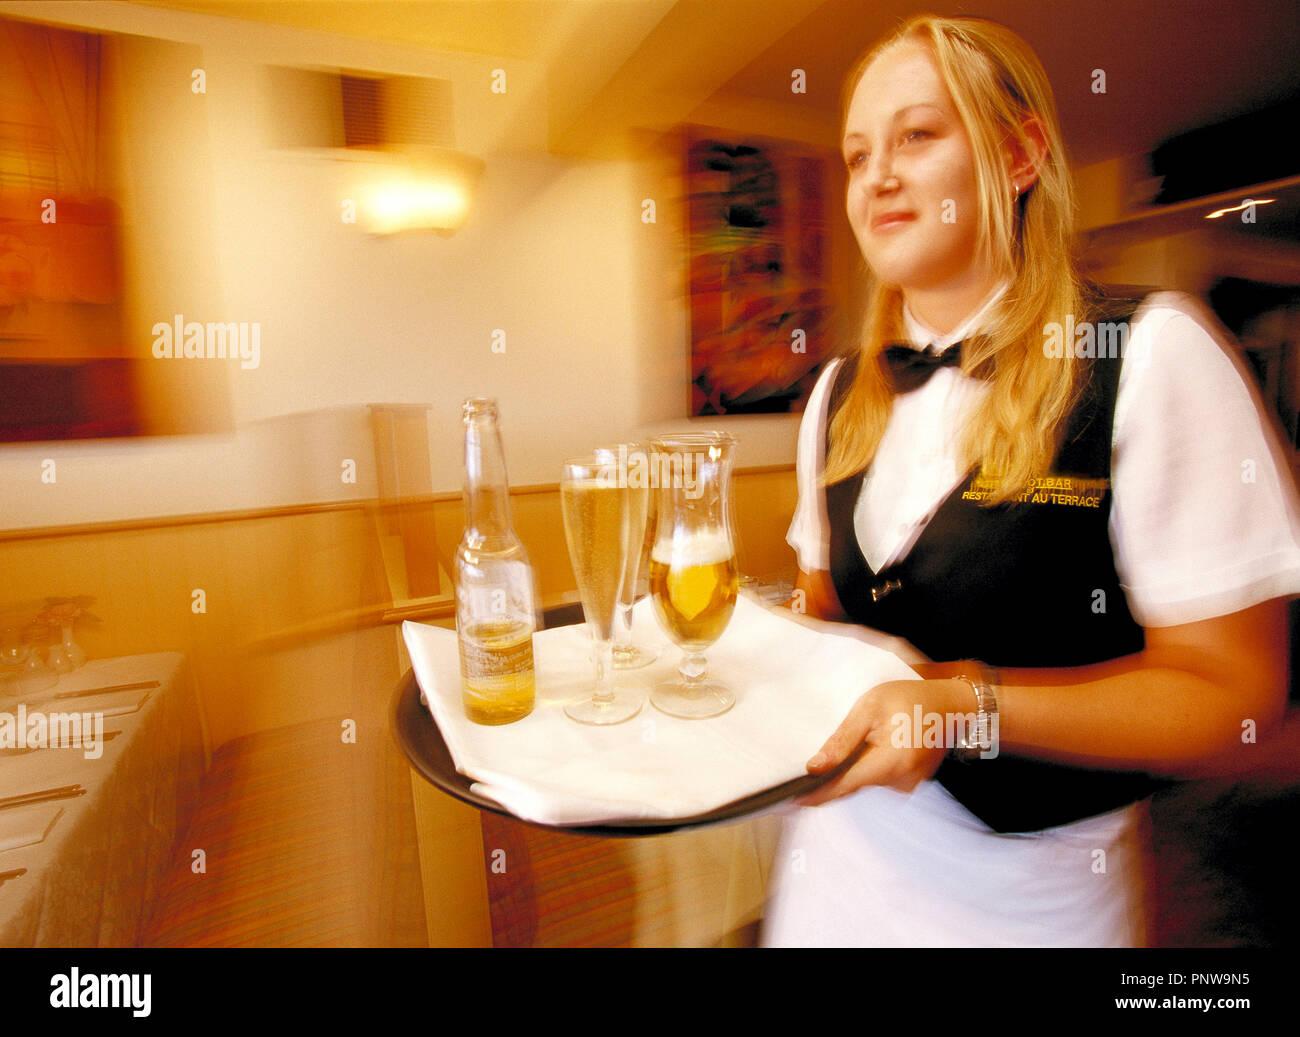 Giovane donna bionda cameriera con vassoio bevande nel ristorante café bar. Immagini Stock